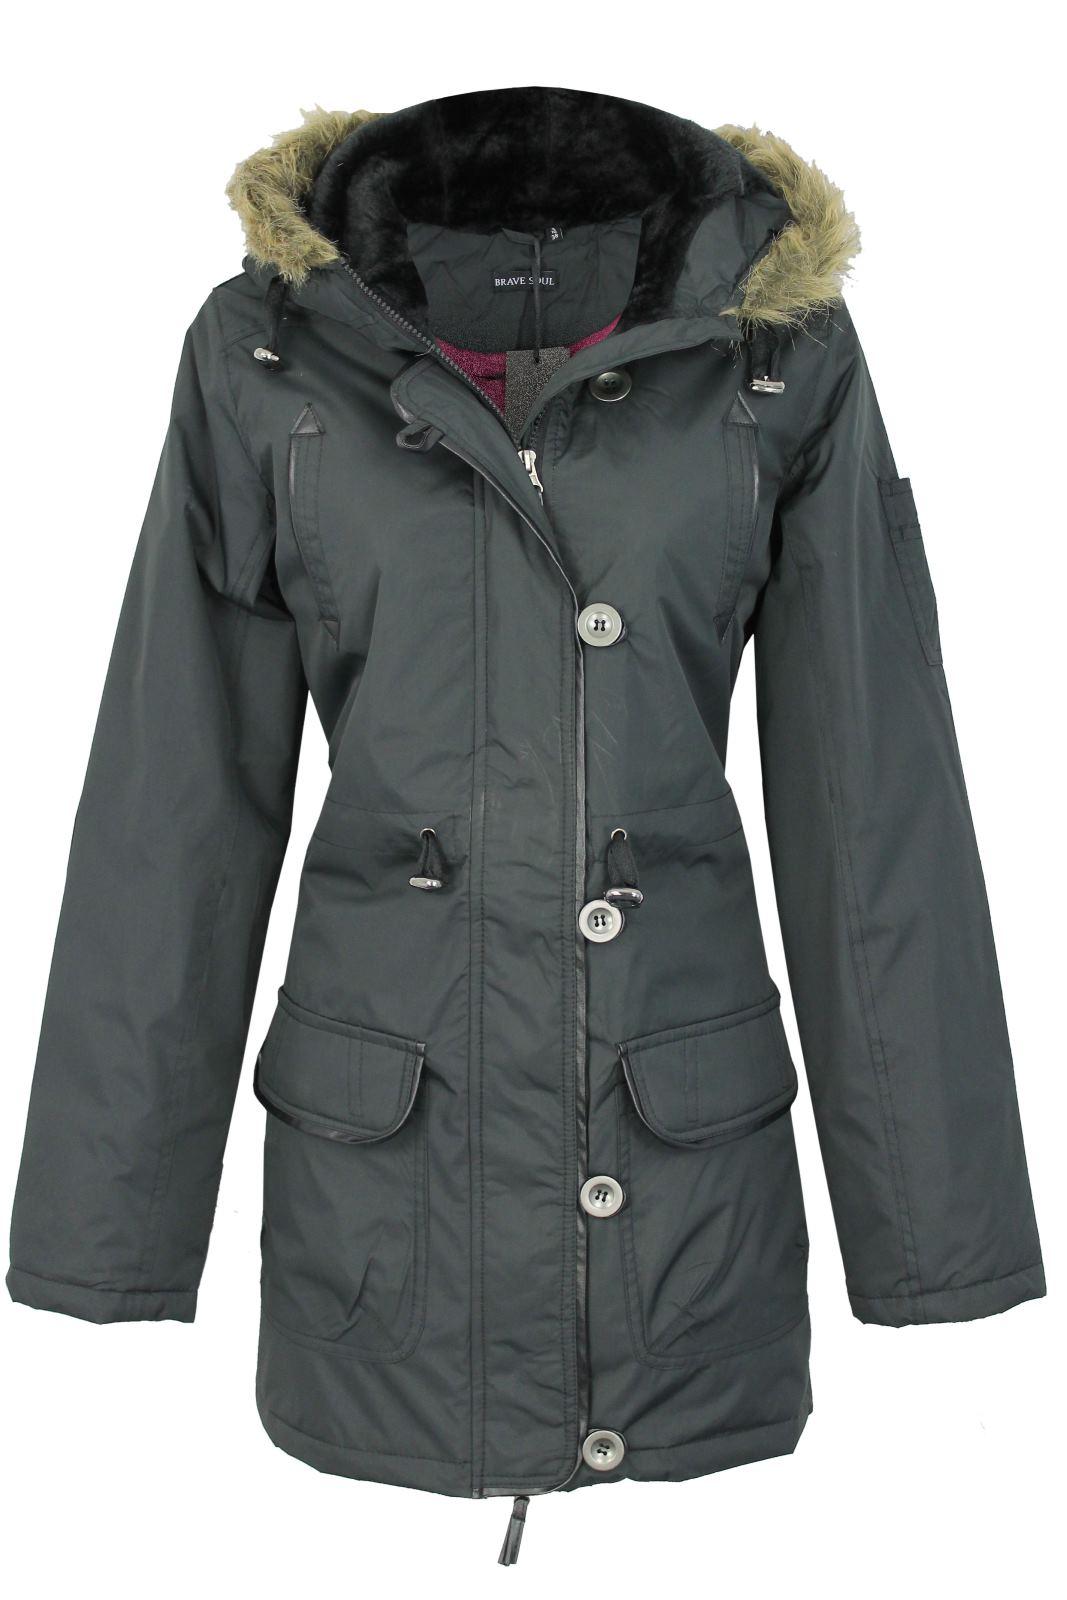 womens ladies brave soul padded parka jacket coat hoddie. Black Bedroom Furniture Sets. Home Design Ideas